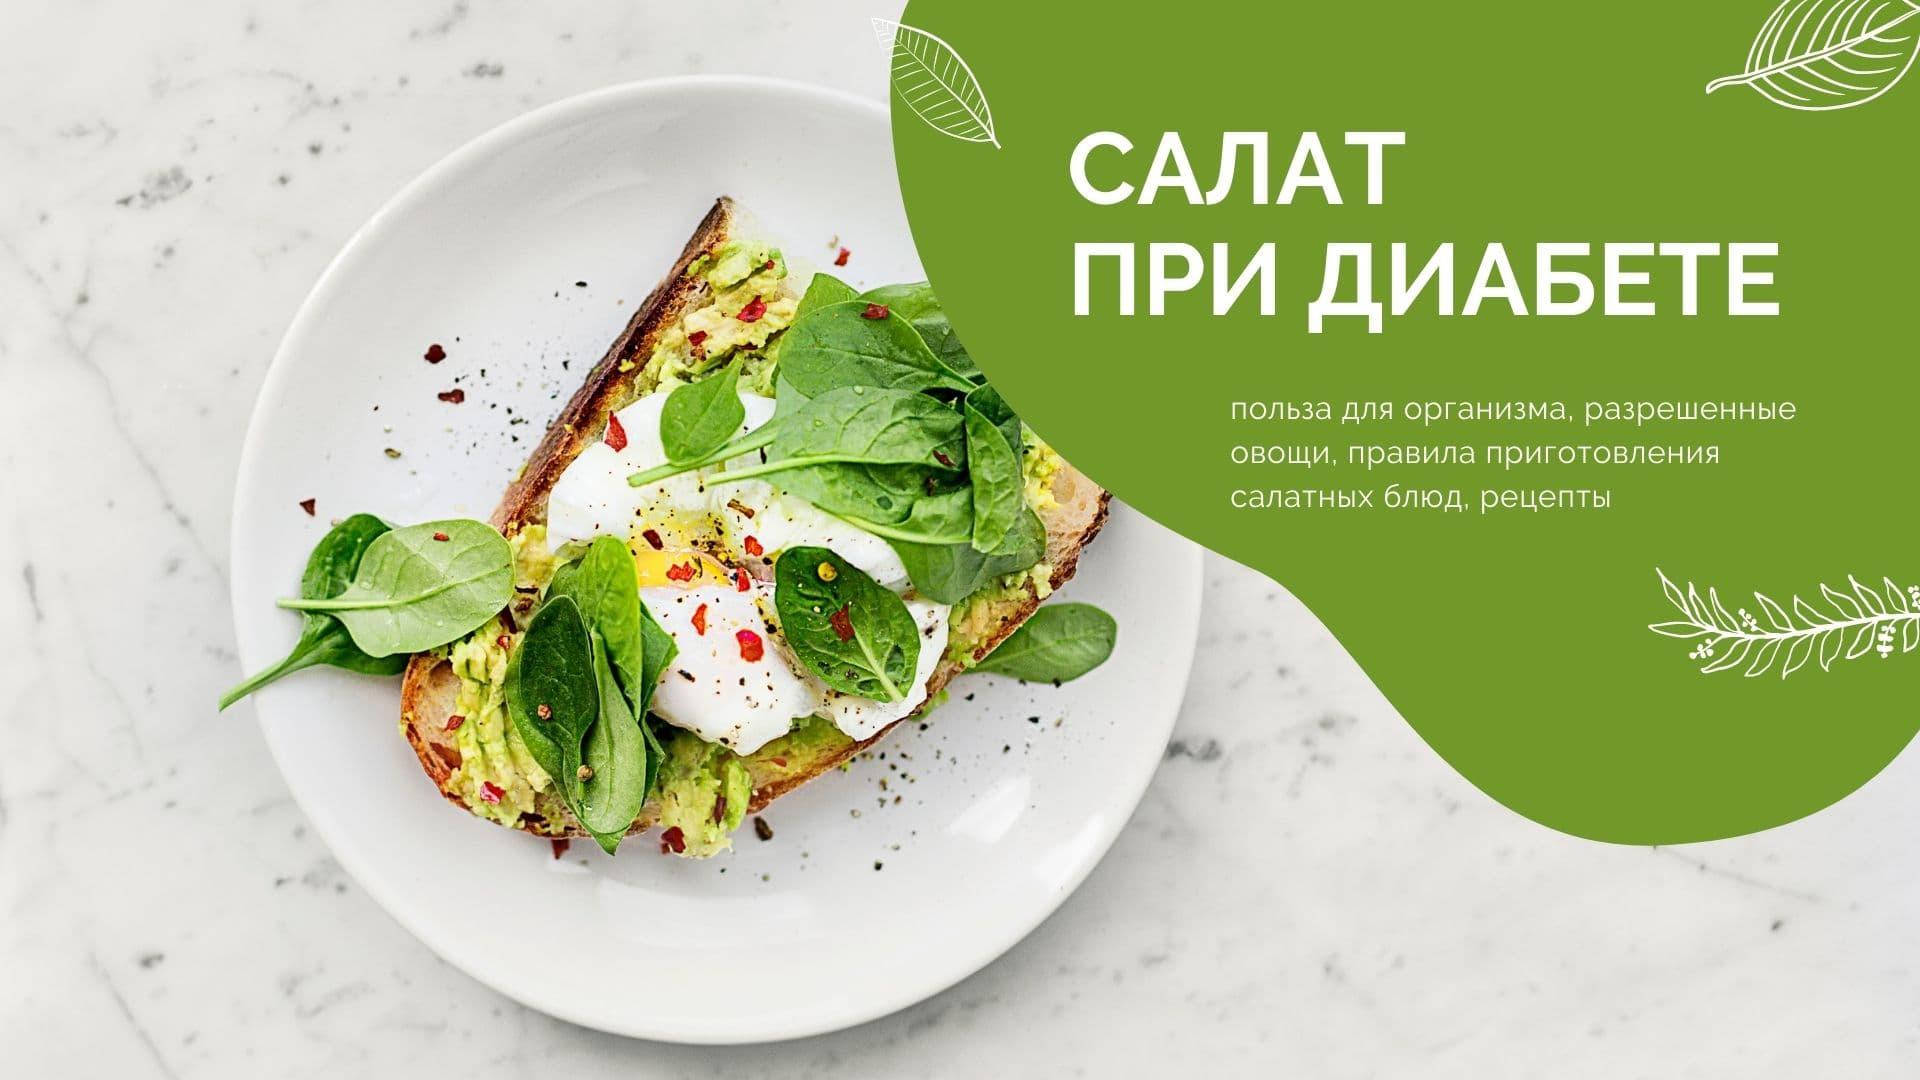 Салат при диабете: польза для организма, разрешенные овощи, правила приготовления салатных блюд, рецепты